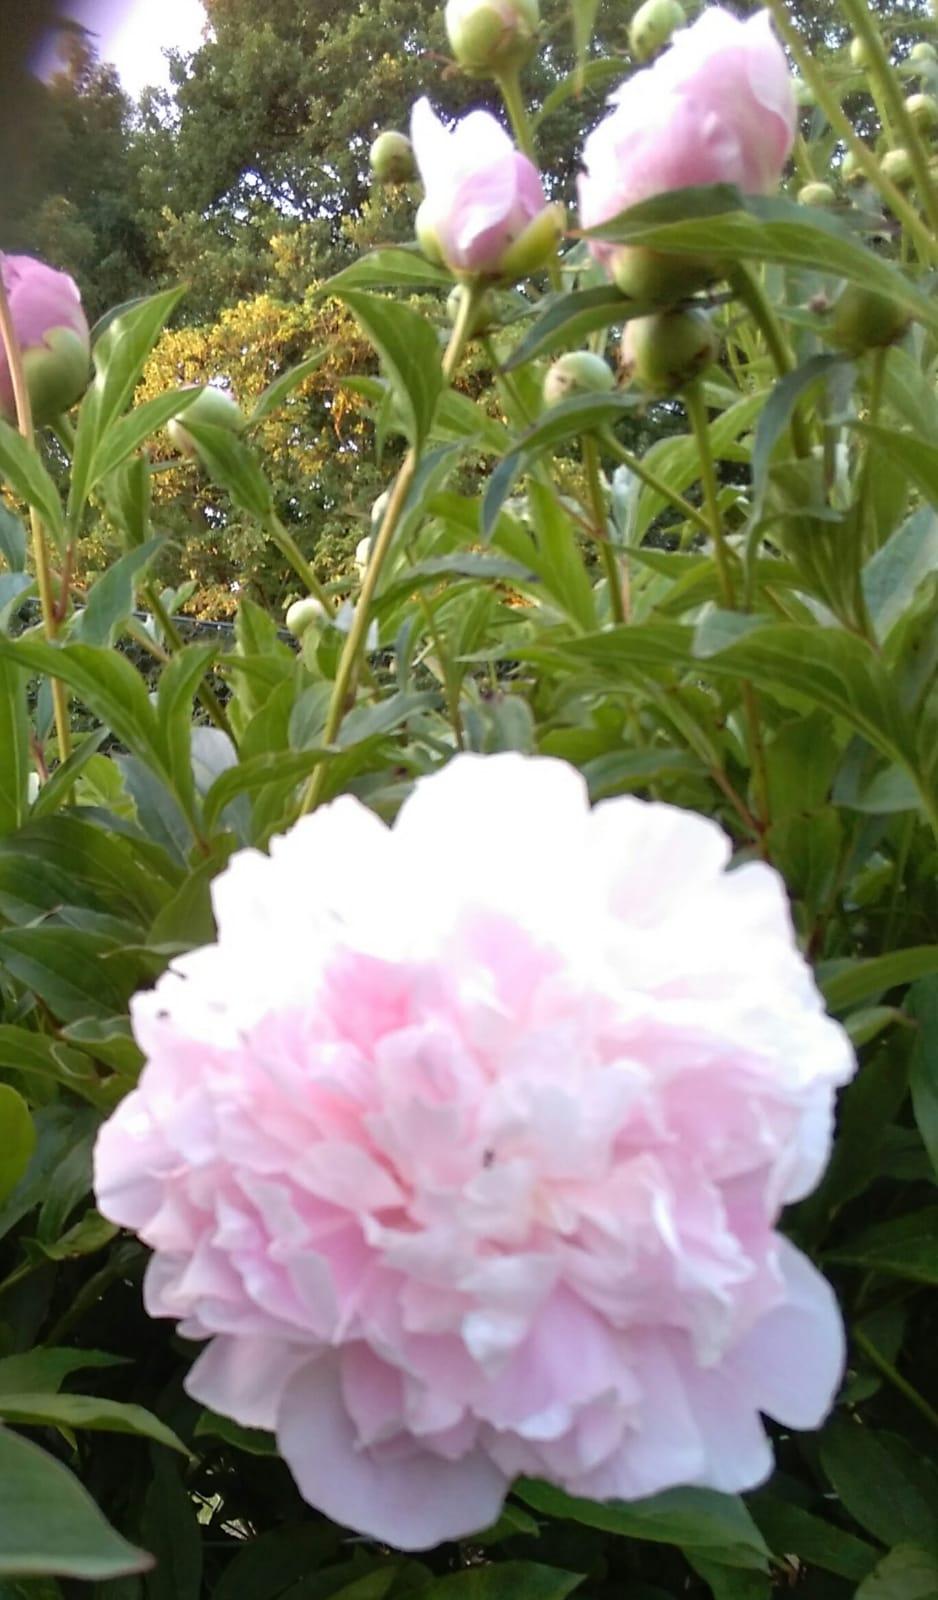 weitere Aufnahmen aus anderen Gärten